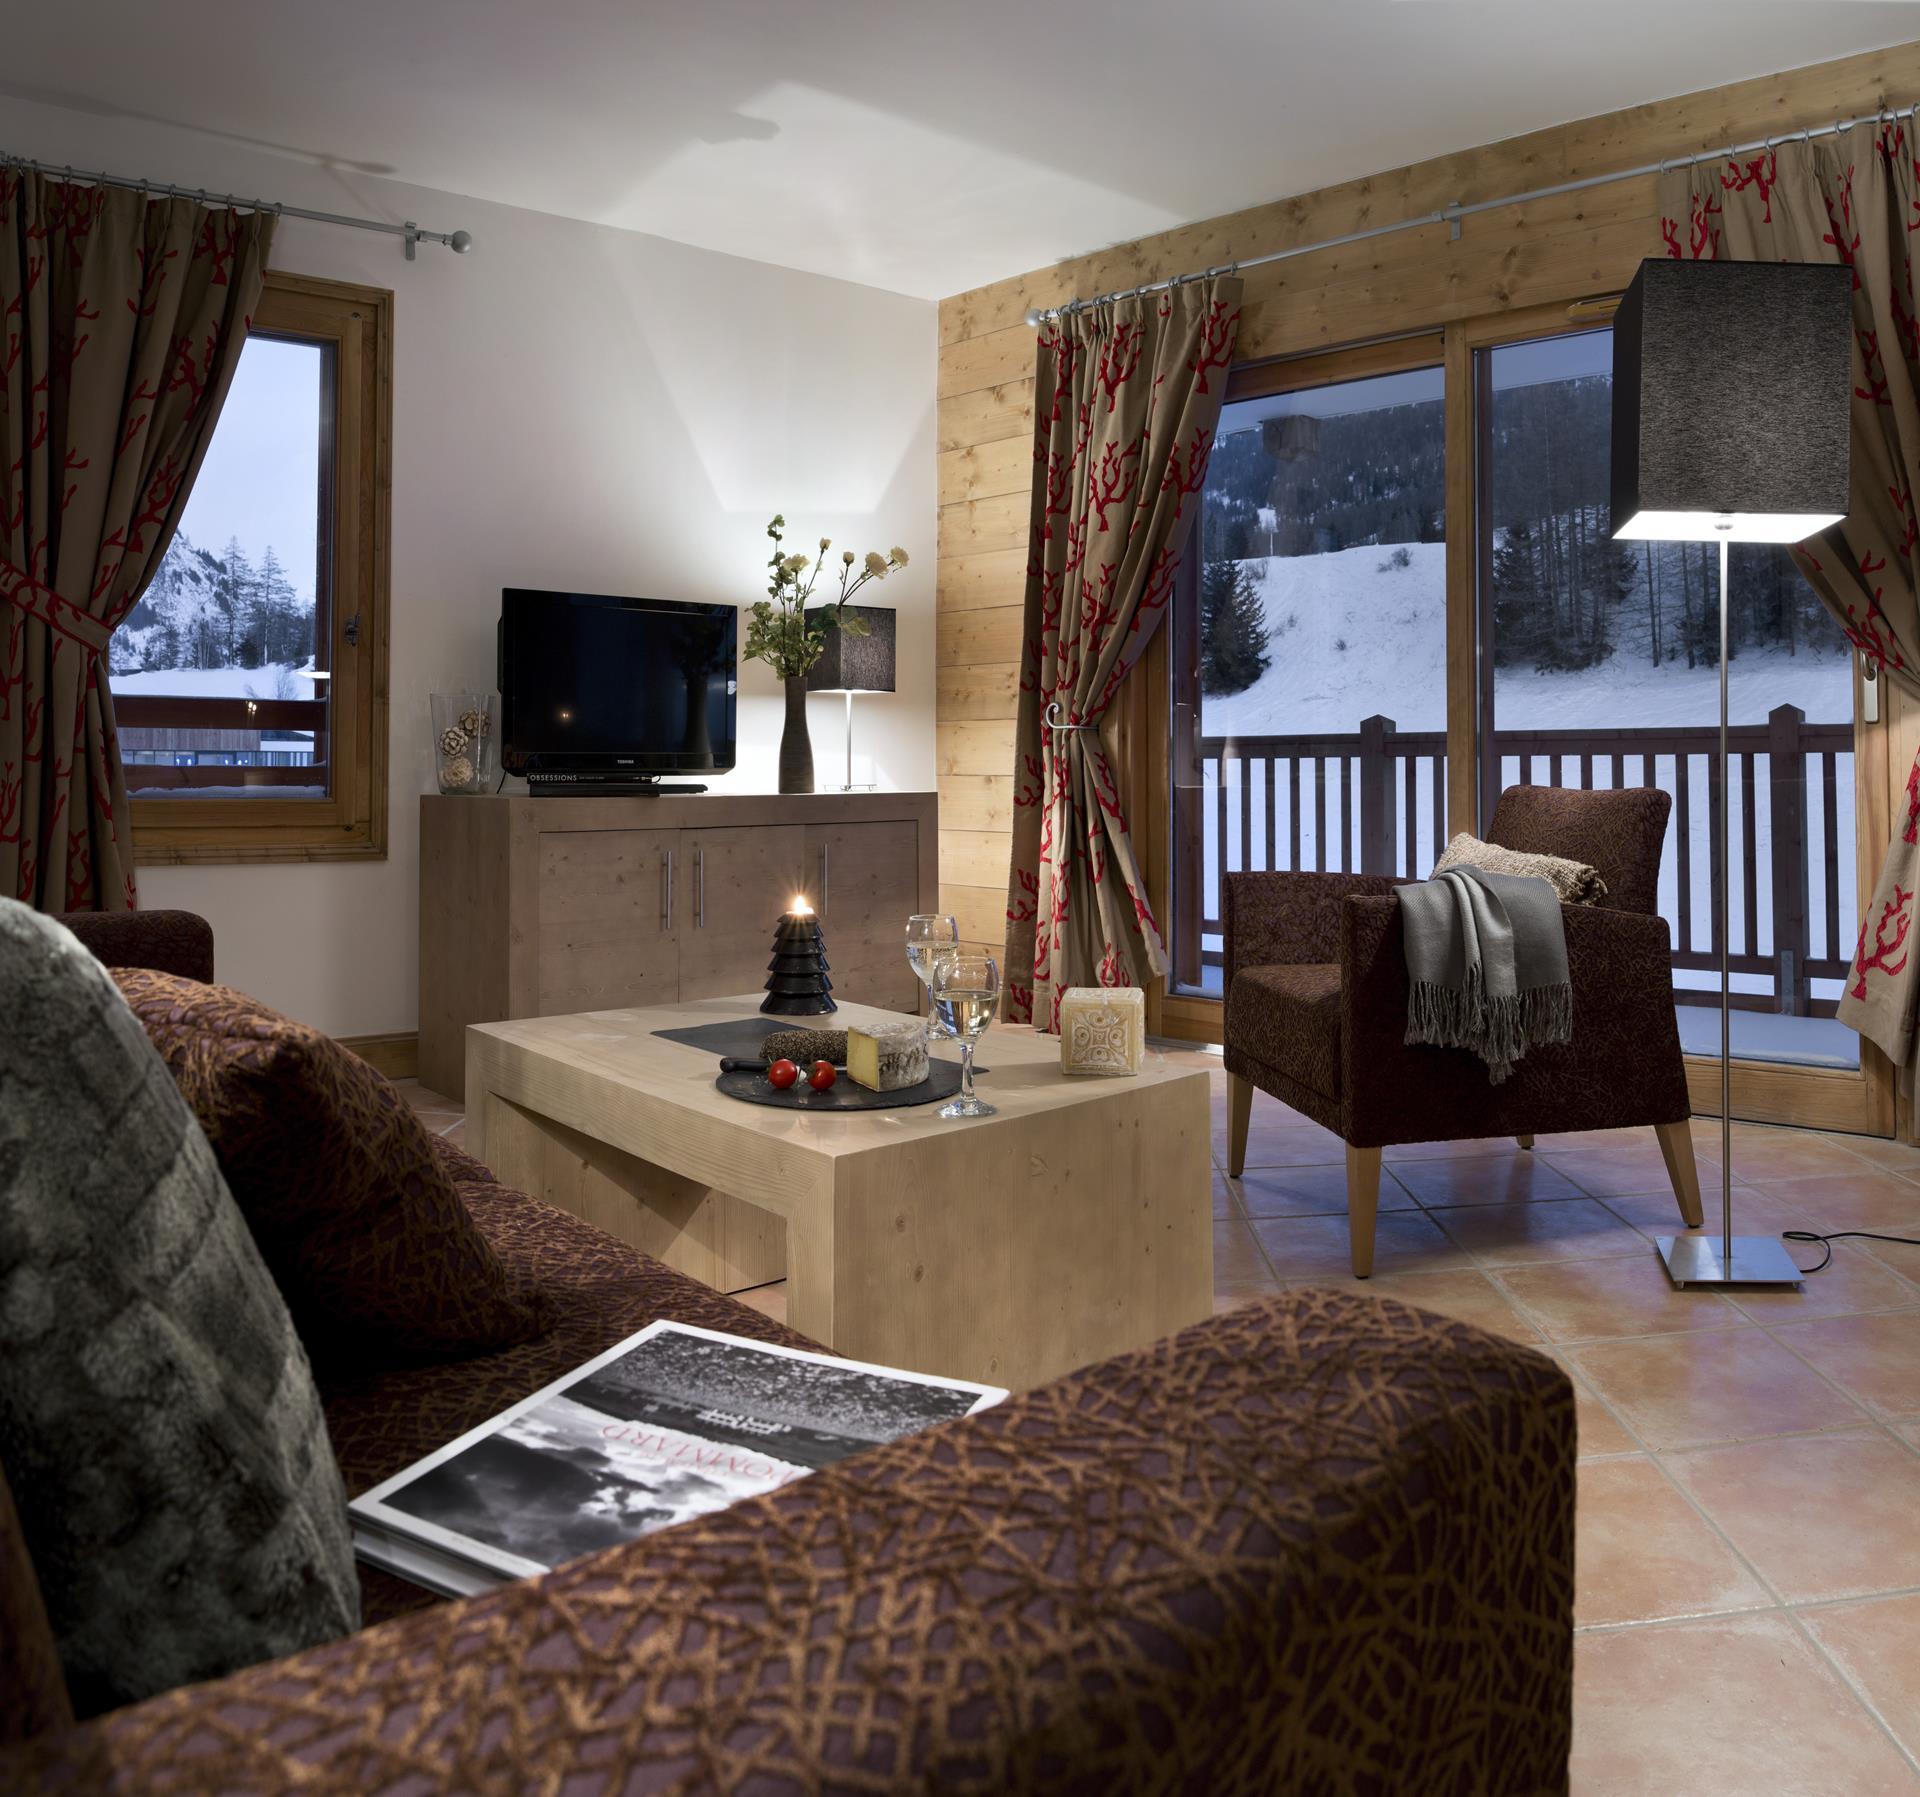 Appartement, Le Lodge des Neiges - CGH Résidences